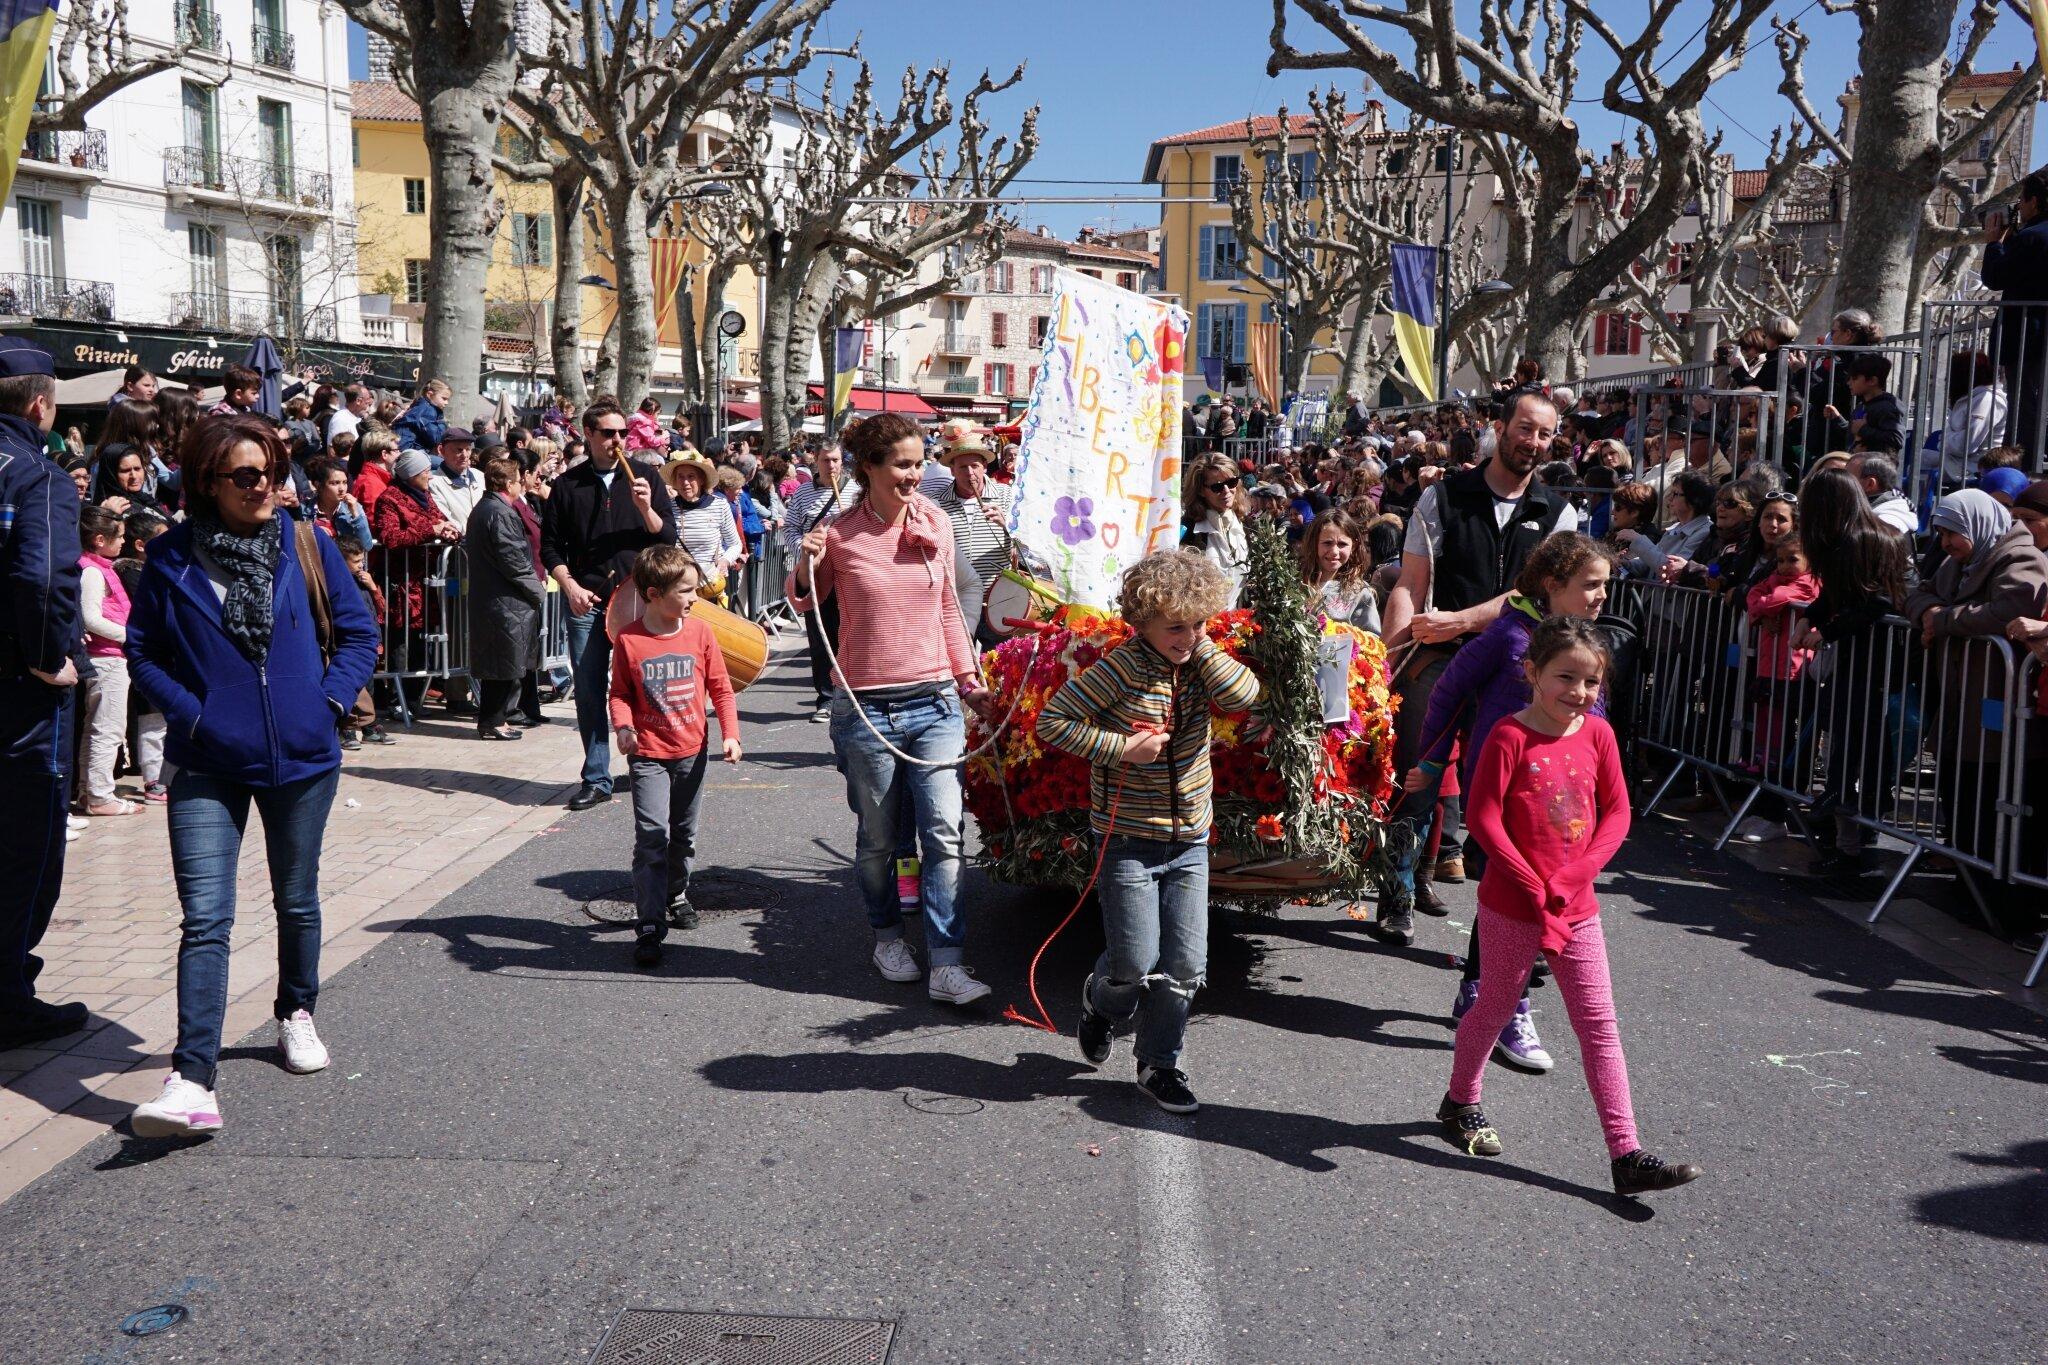 bataille-fleurs-vence-2015-79